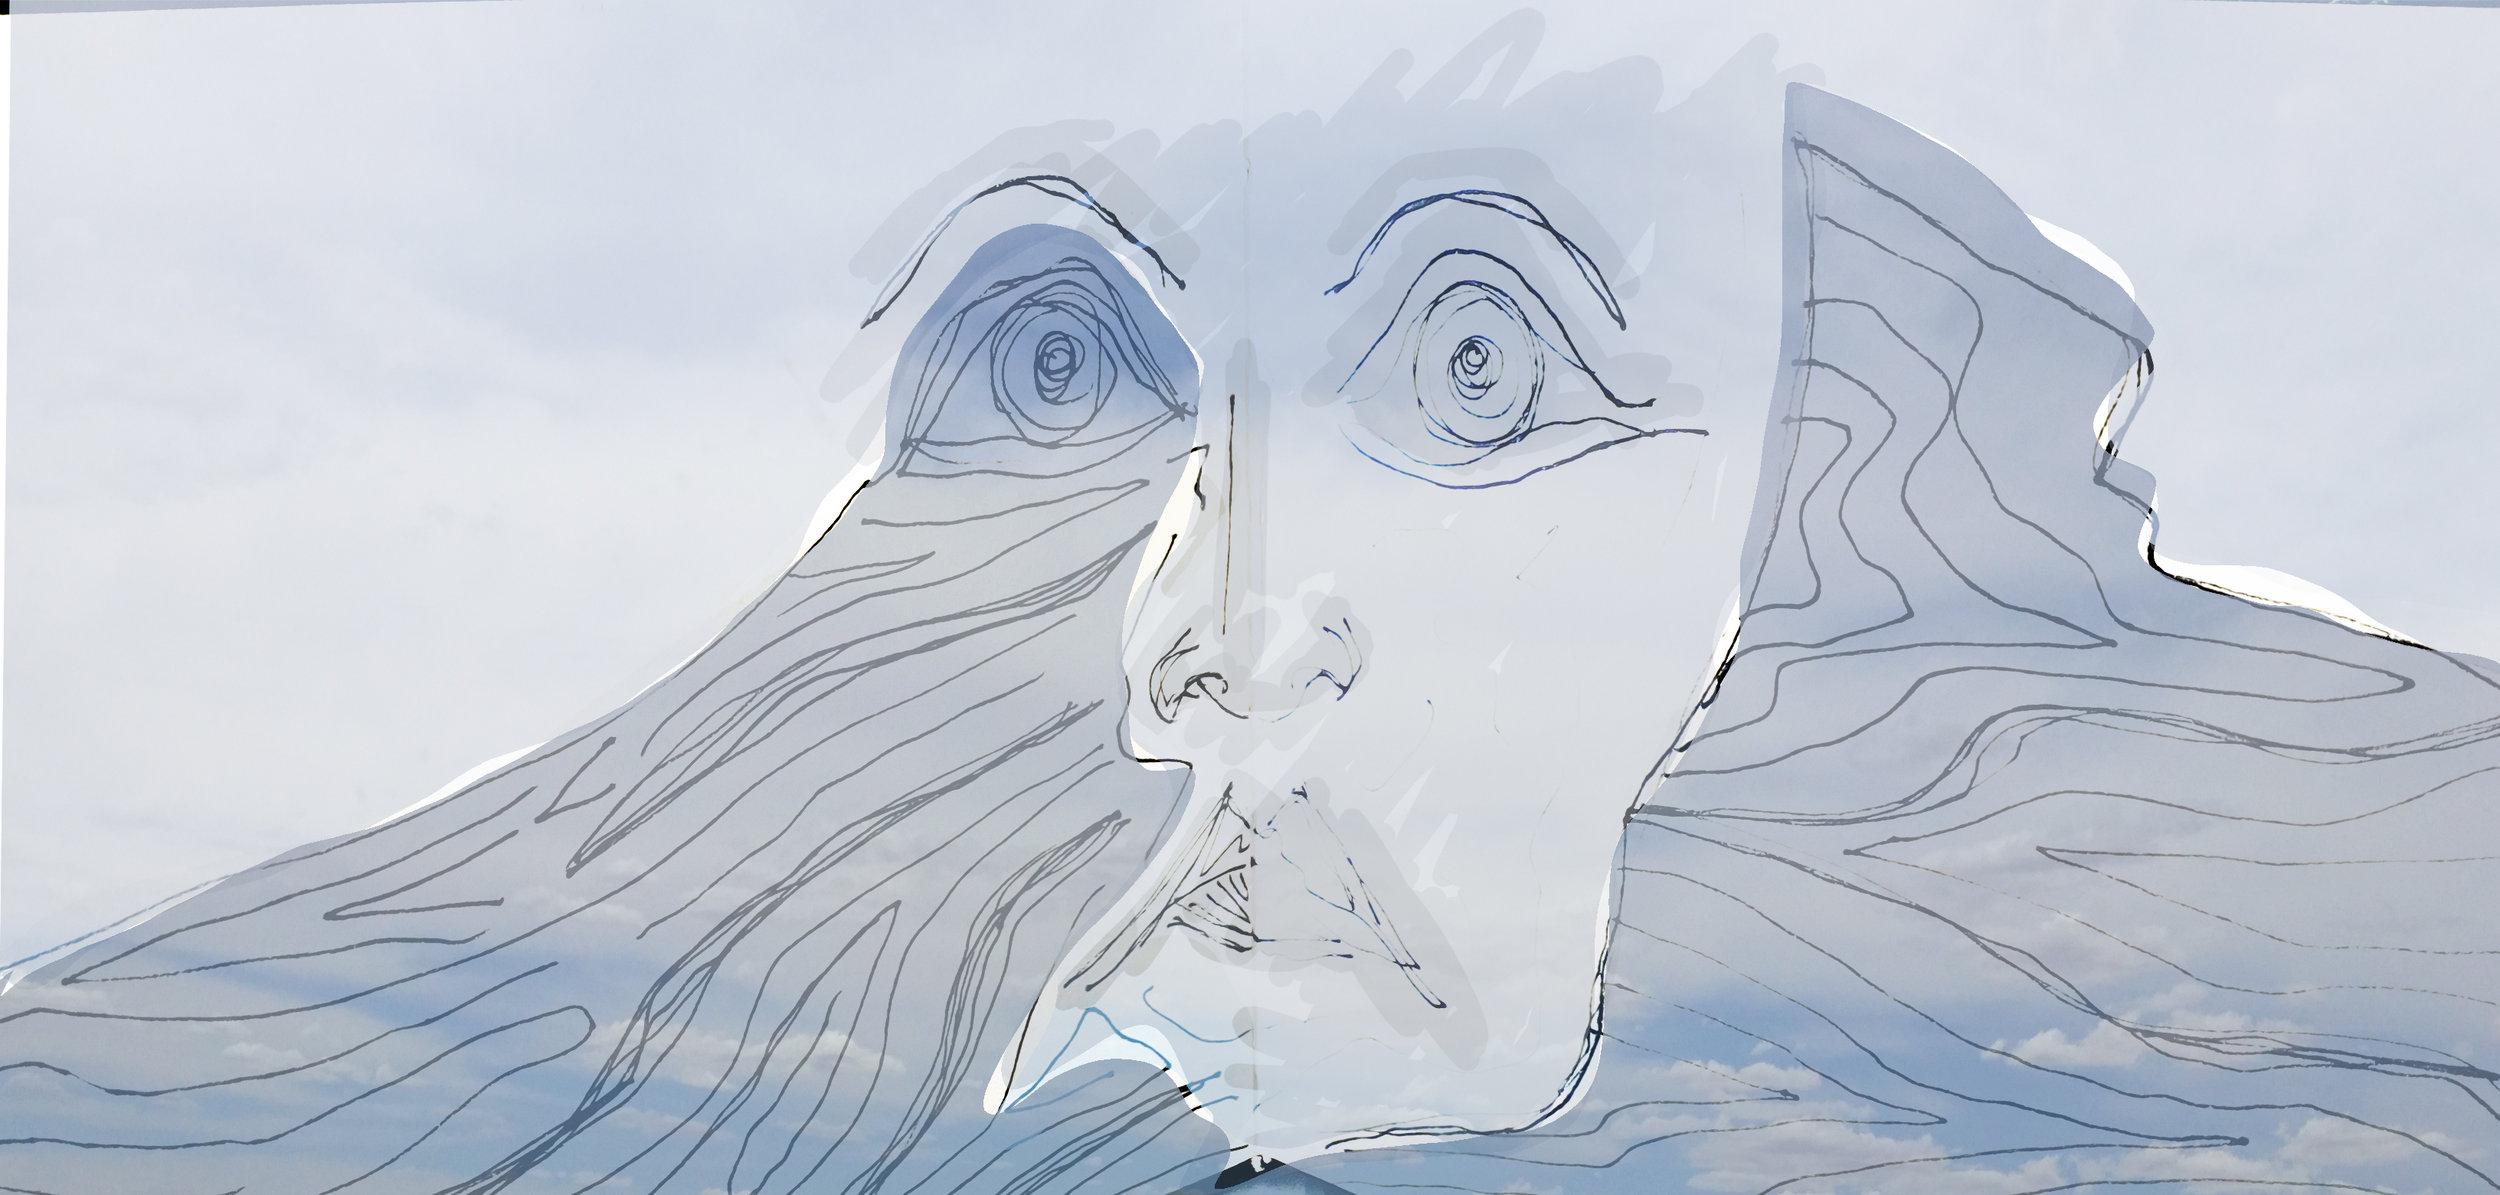 Artworks_Olivia_Inwood_Page_6_Image_0001.jpg